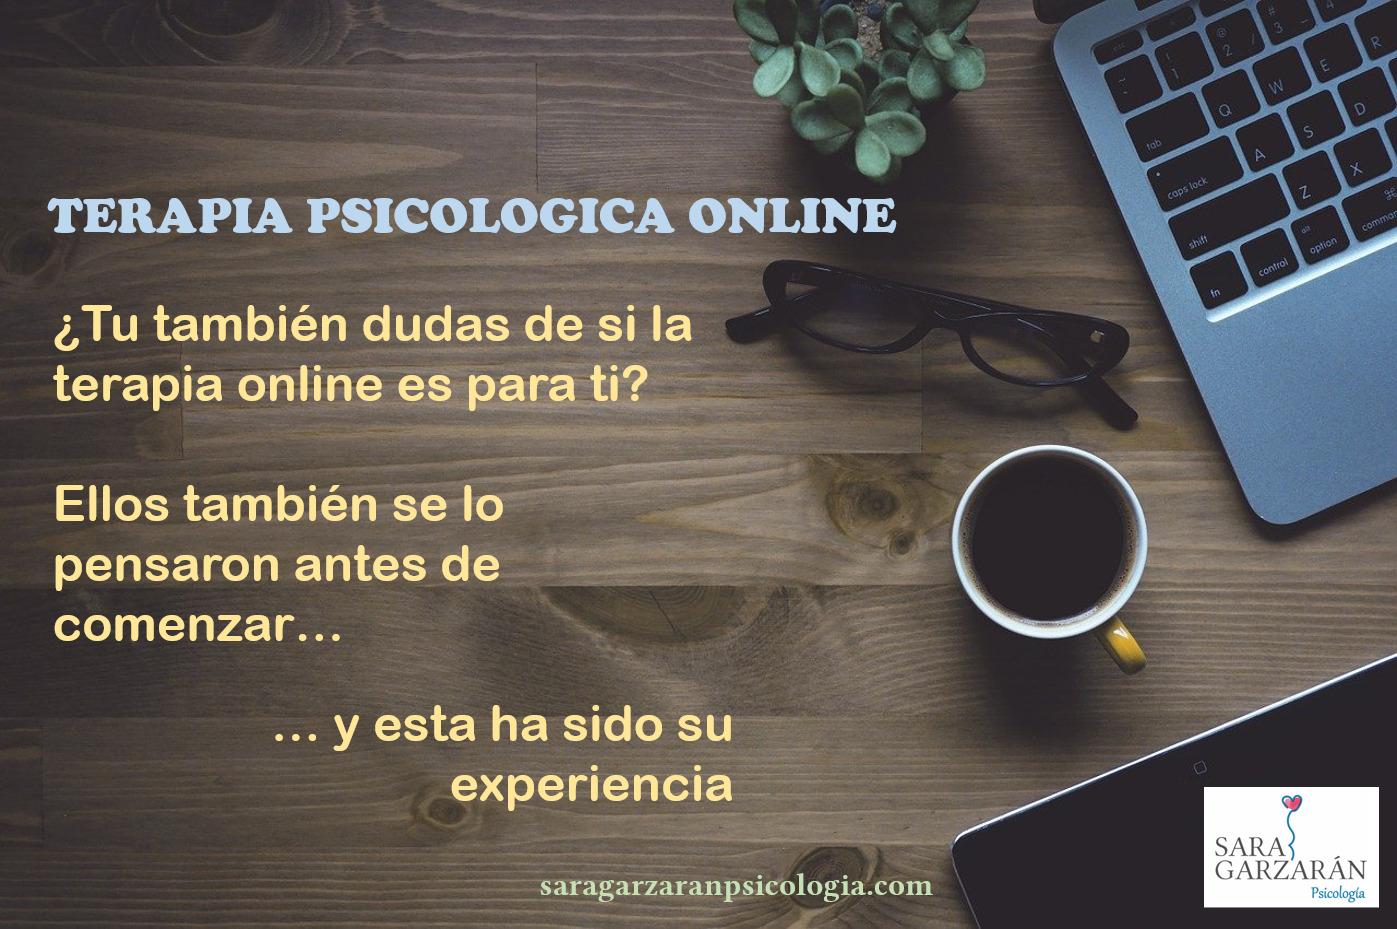 Terapia psicológica y emocional online